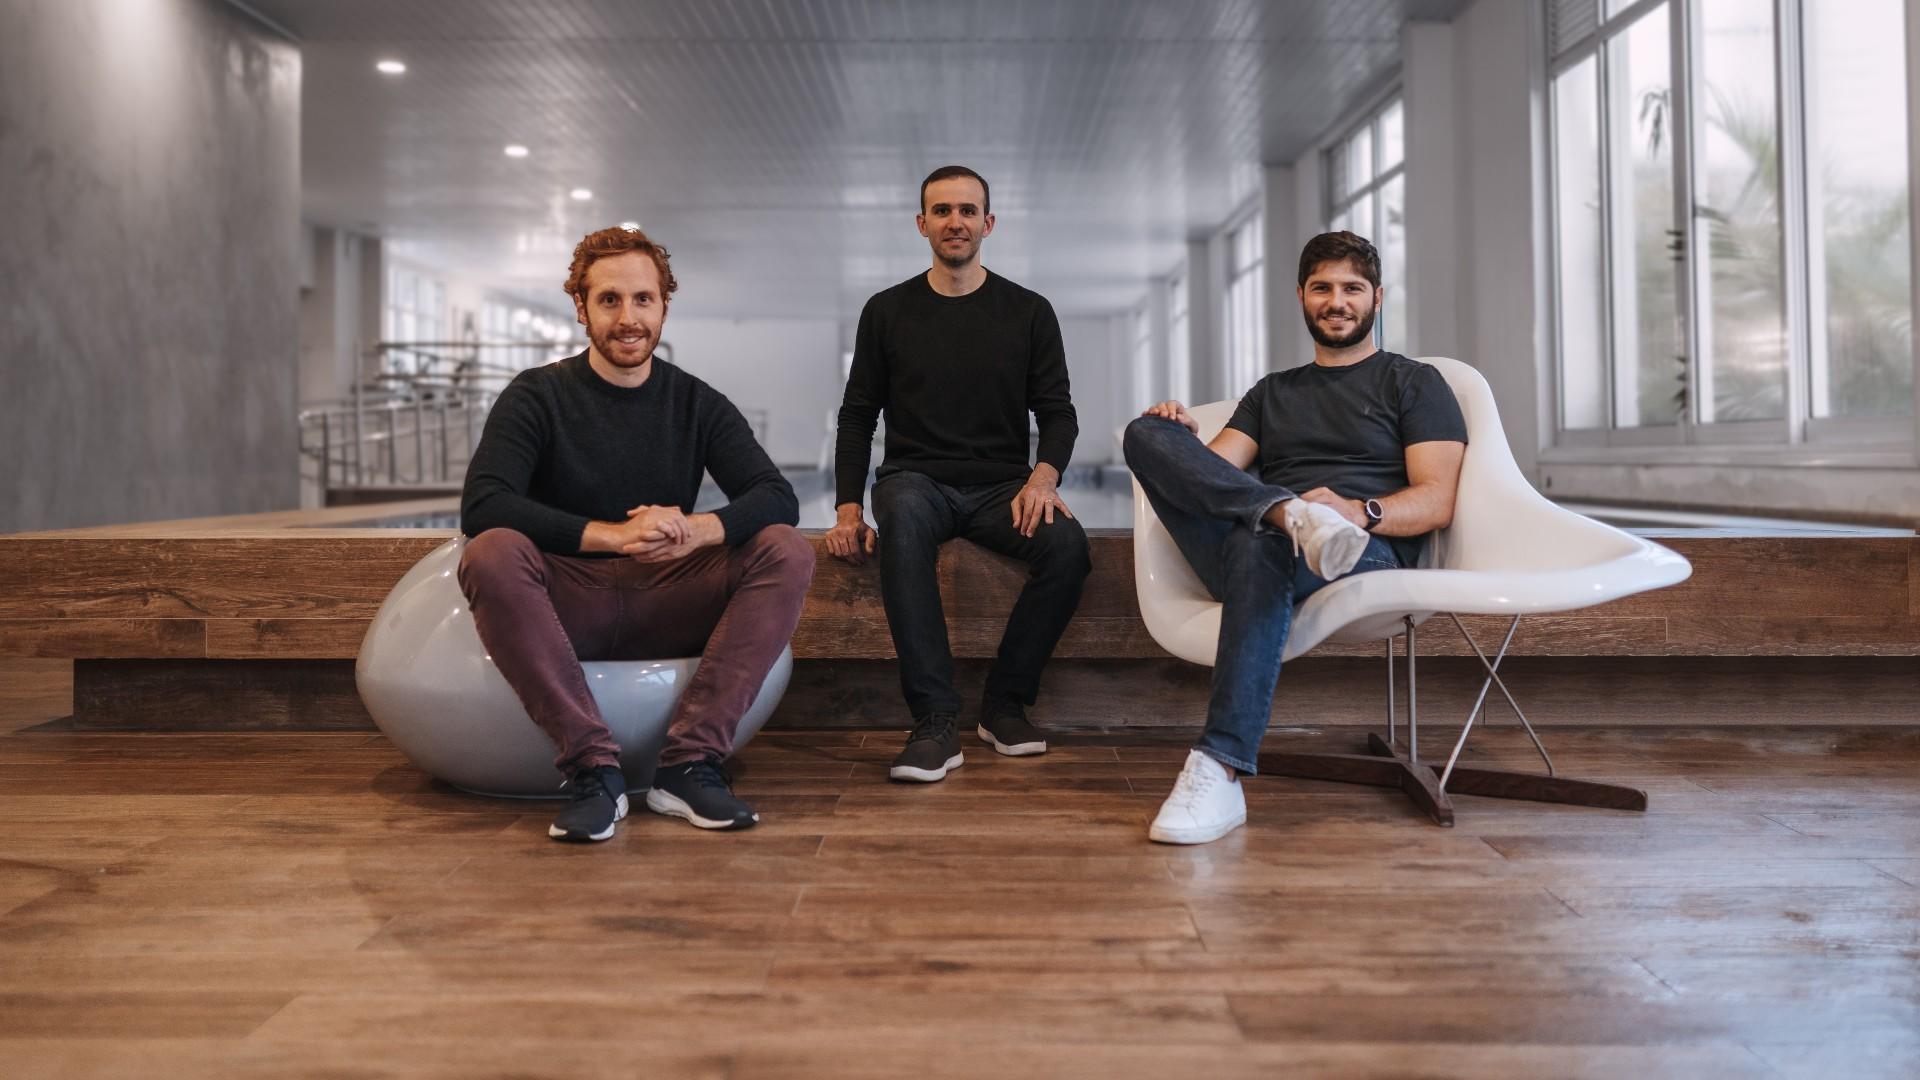 invistaja.info - Yuca: startup de aluguel descomplicado recebe aporte de R$ 56 milhões